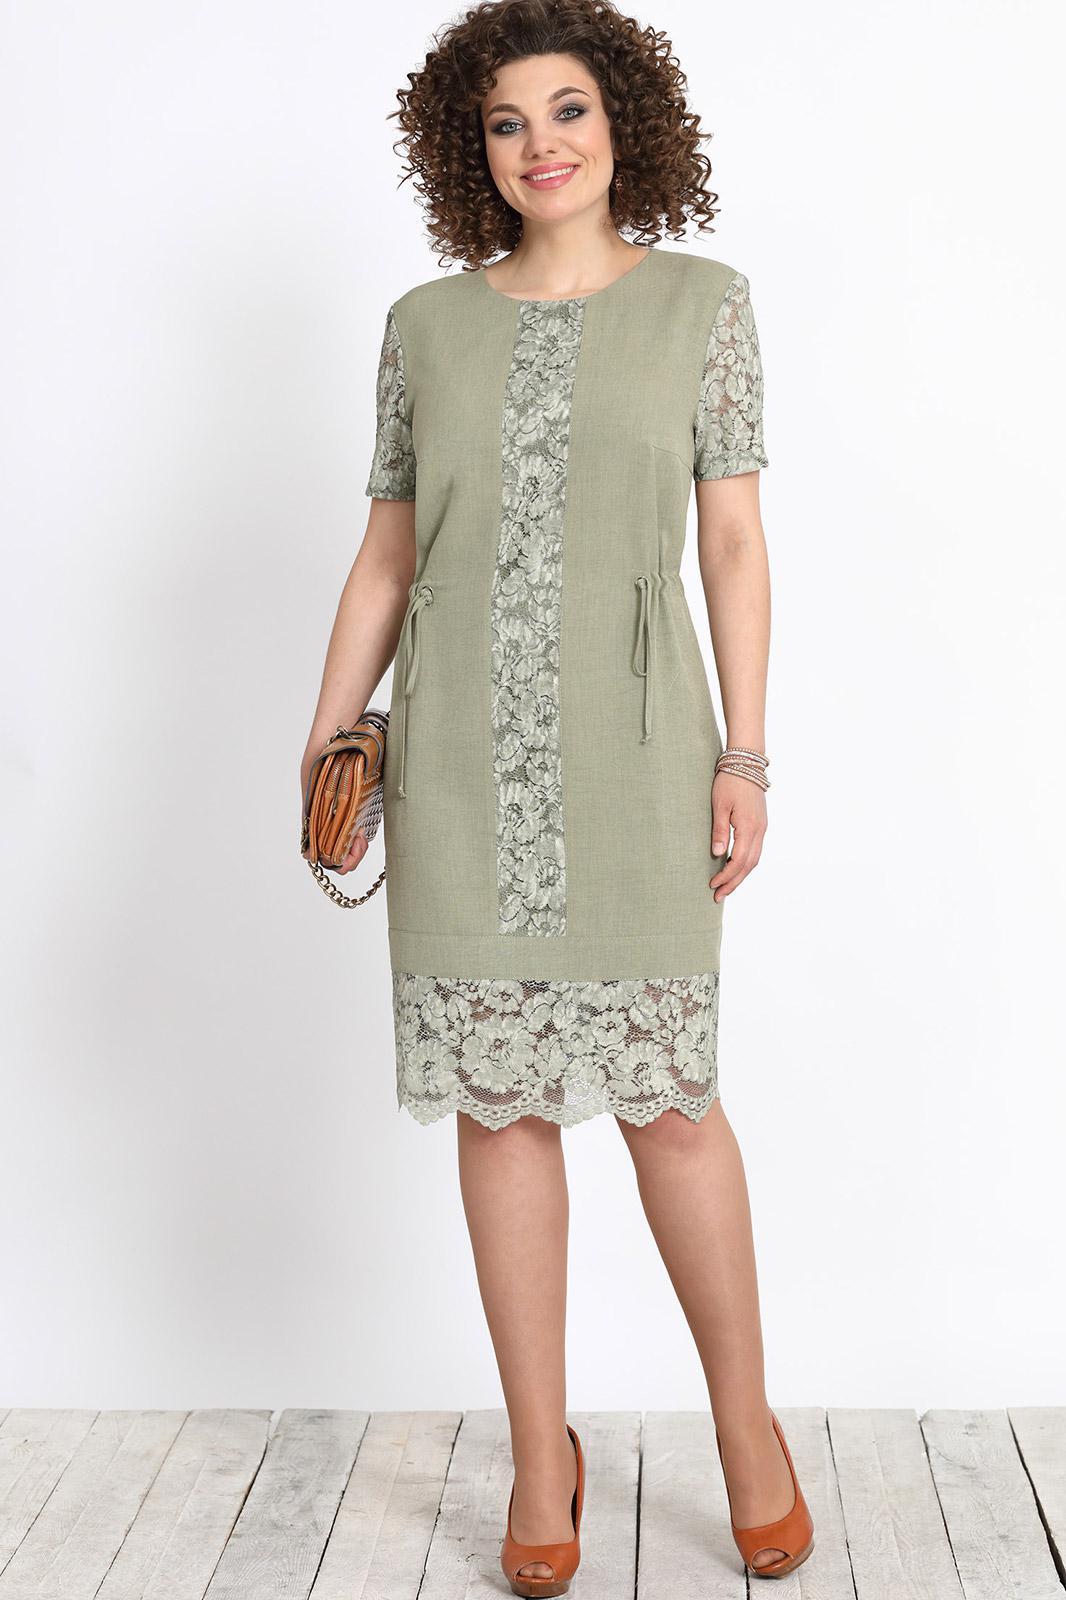 359b6ab7900c Купить нарядное платье большого размера. Нарядные платья для полных